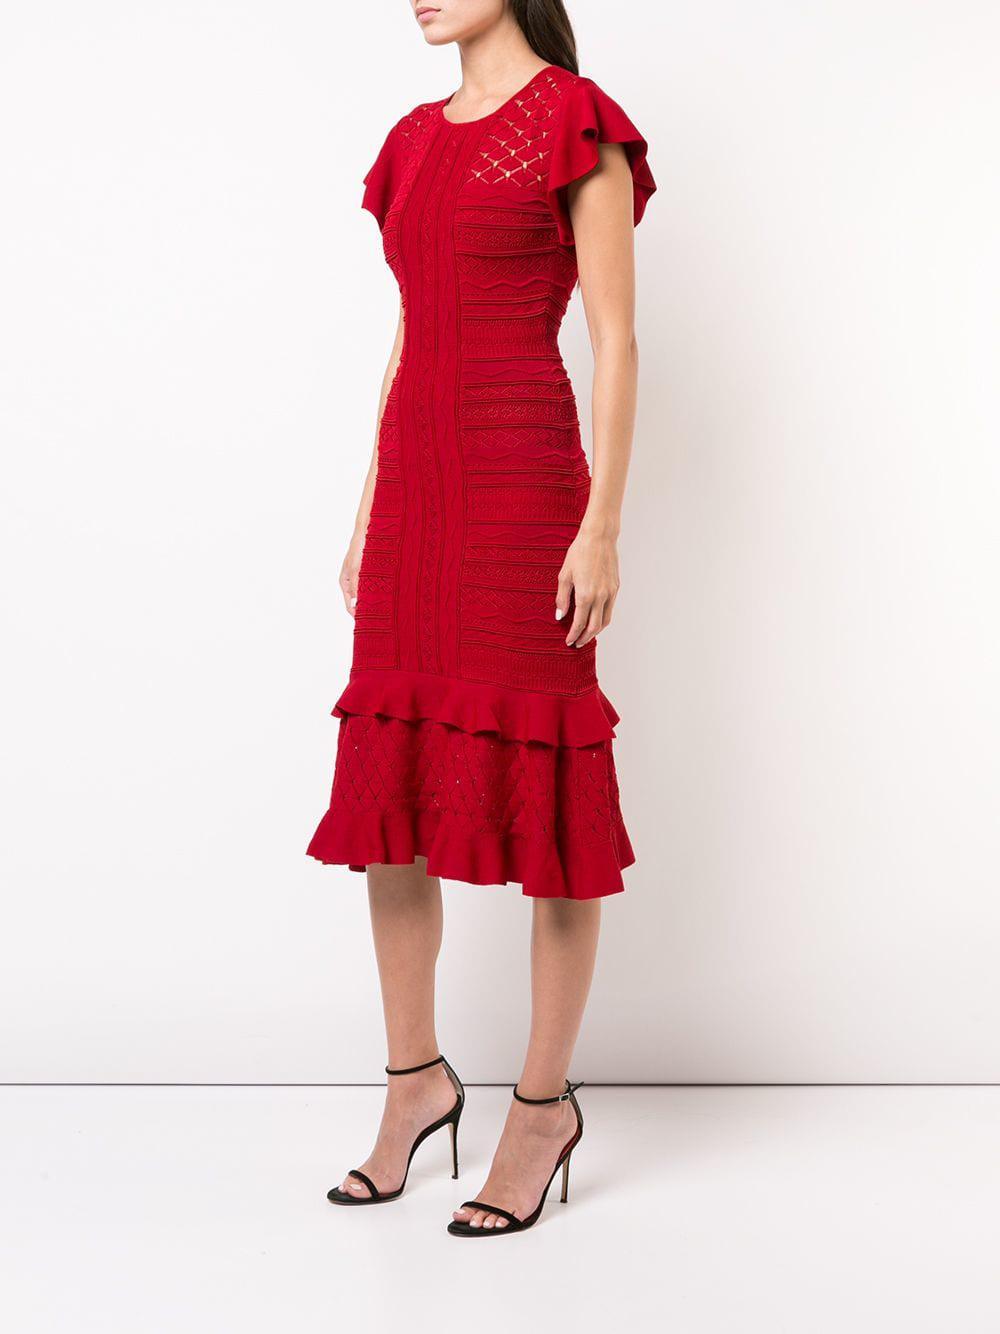 Sachin & Babi Shivon Ruffled Dress in Red - Lyst